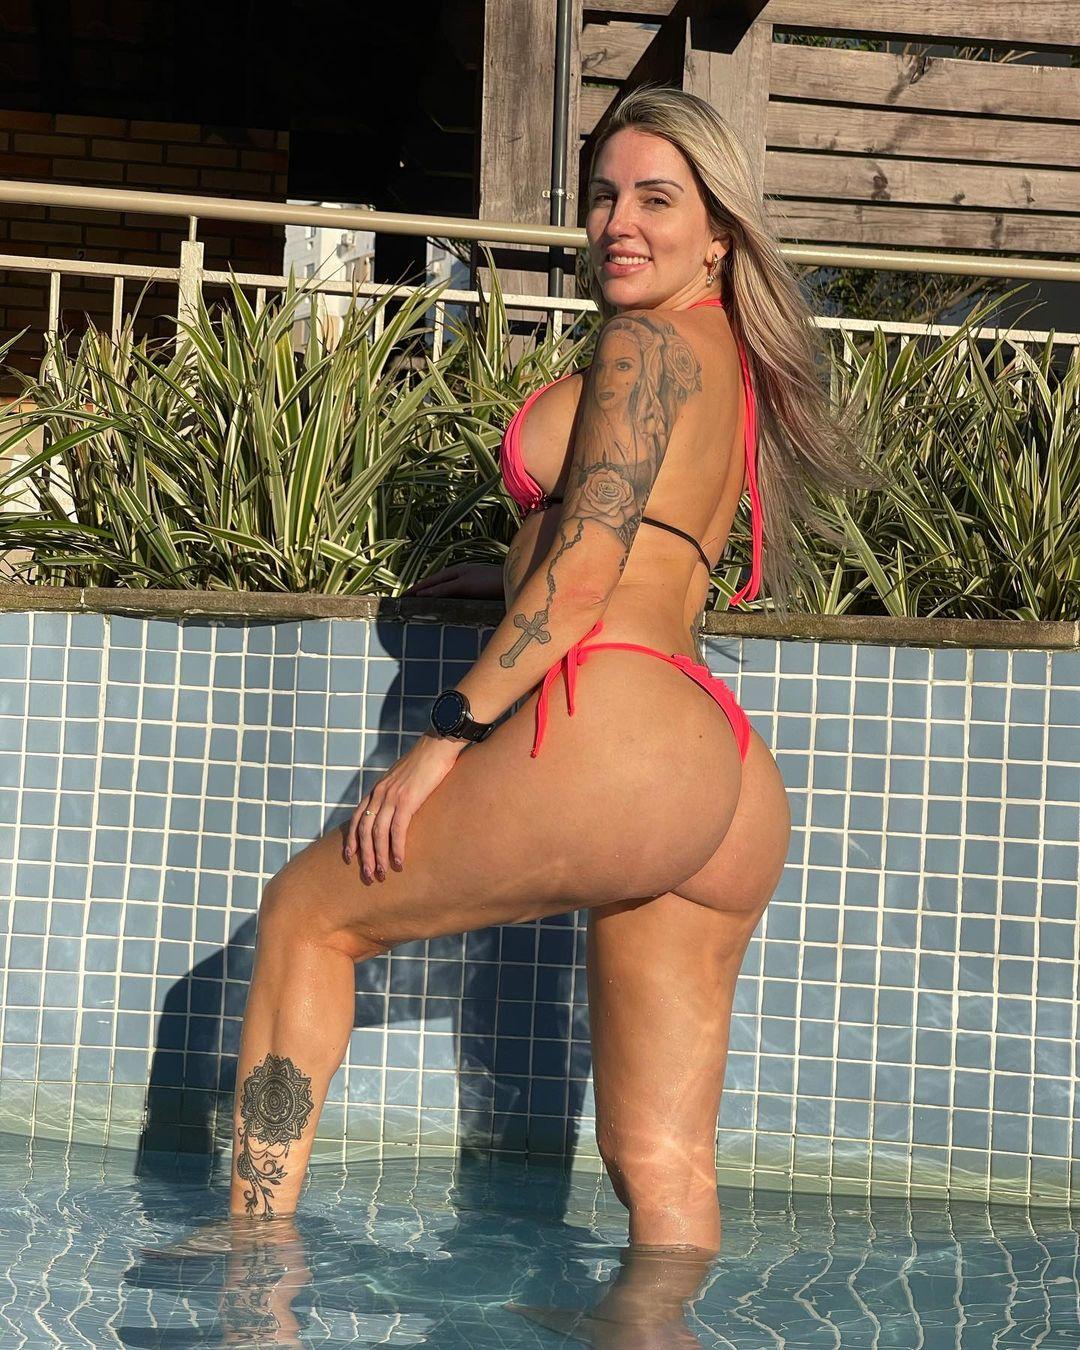 Luanda Fraga é ex-atriz de pegadinhas e já participou do Miss Bumbum